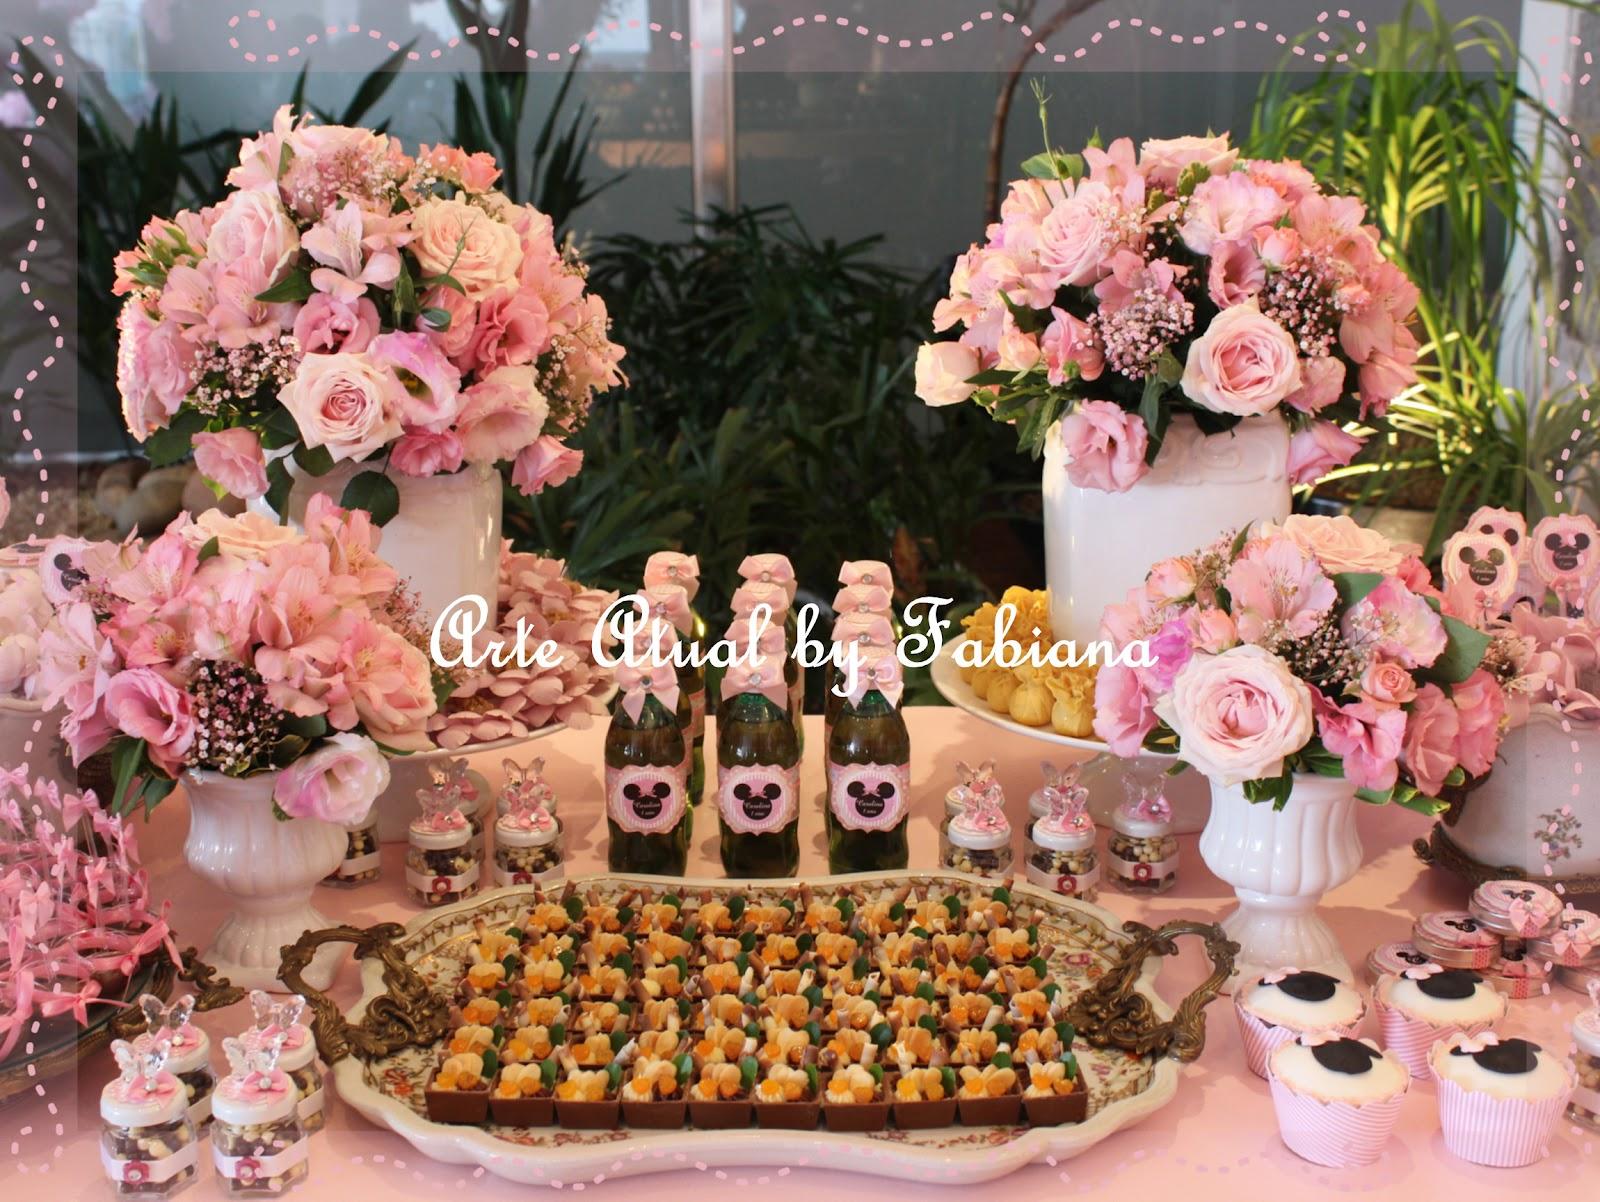 as minnies rosa foram convidadas para fazerem parte do aniversário de